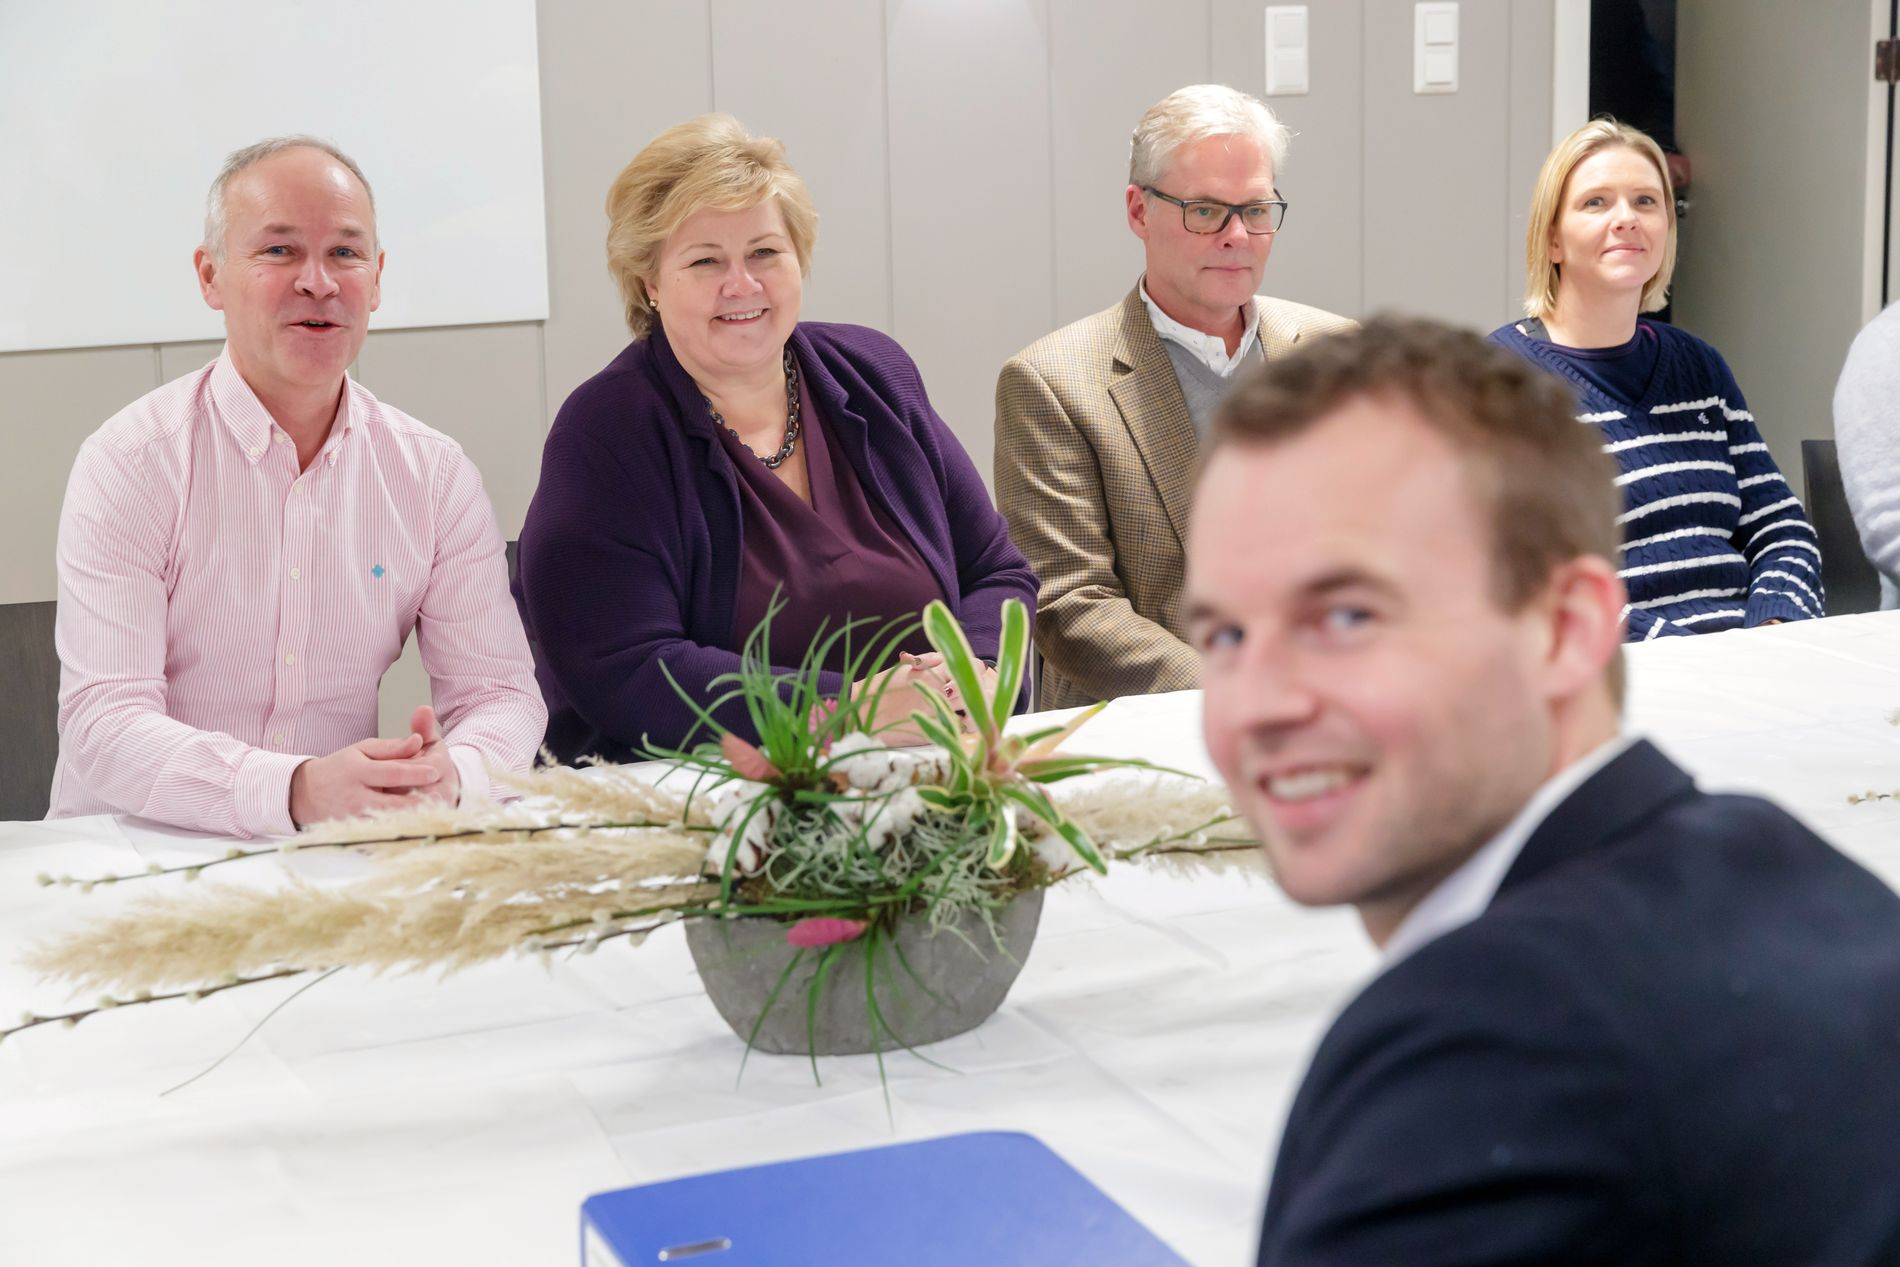 FORHANDLER: Jan Tore Sanner (H) statsminister Erna Solberg (H), Hans Andreas Limi (Frp), Sylvi Listhaug (Frp) og Kjell Ingolf Ropstad (KrF) under forhandlingsutvalgets første møte under regjeringsforhandlingene på Granavolden Gjæstgiveri på Hadeland.